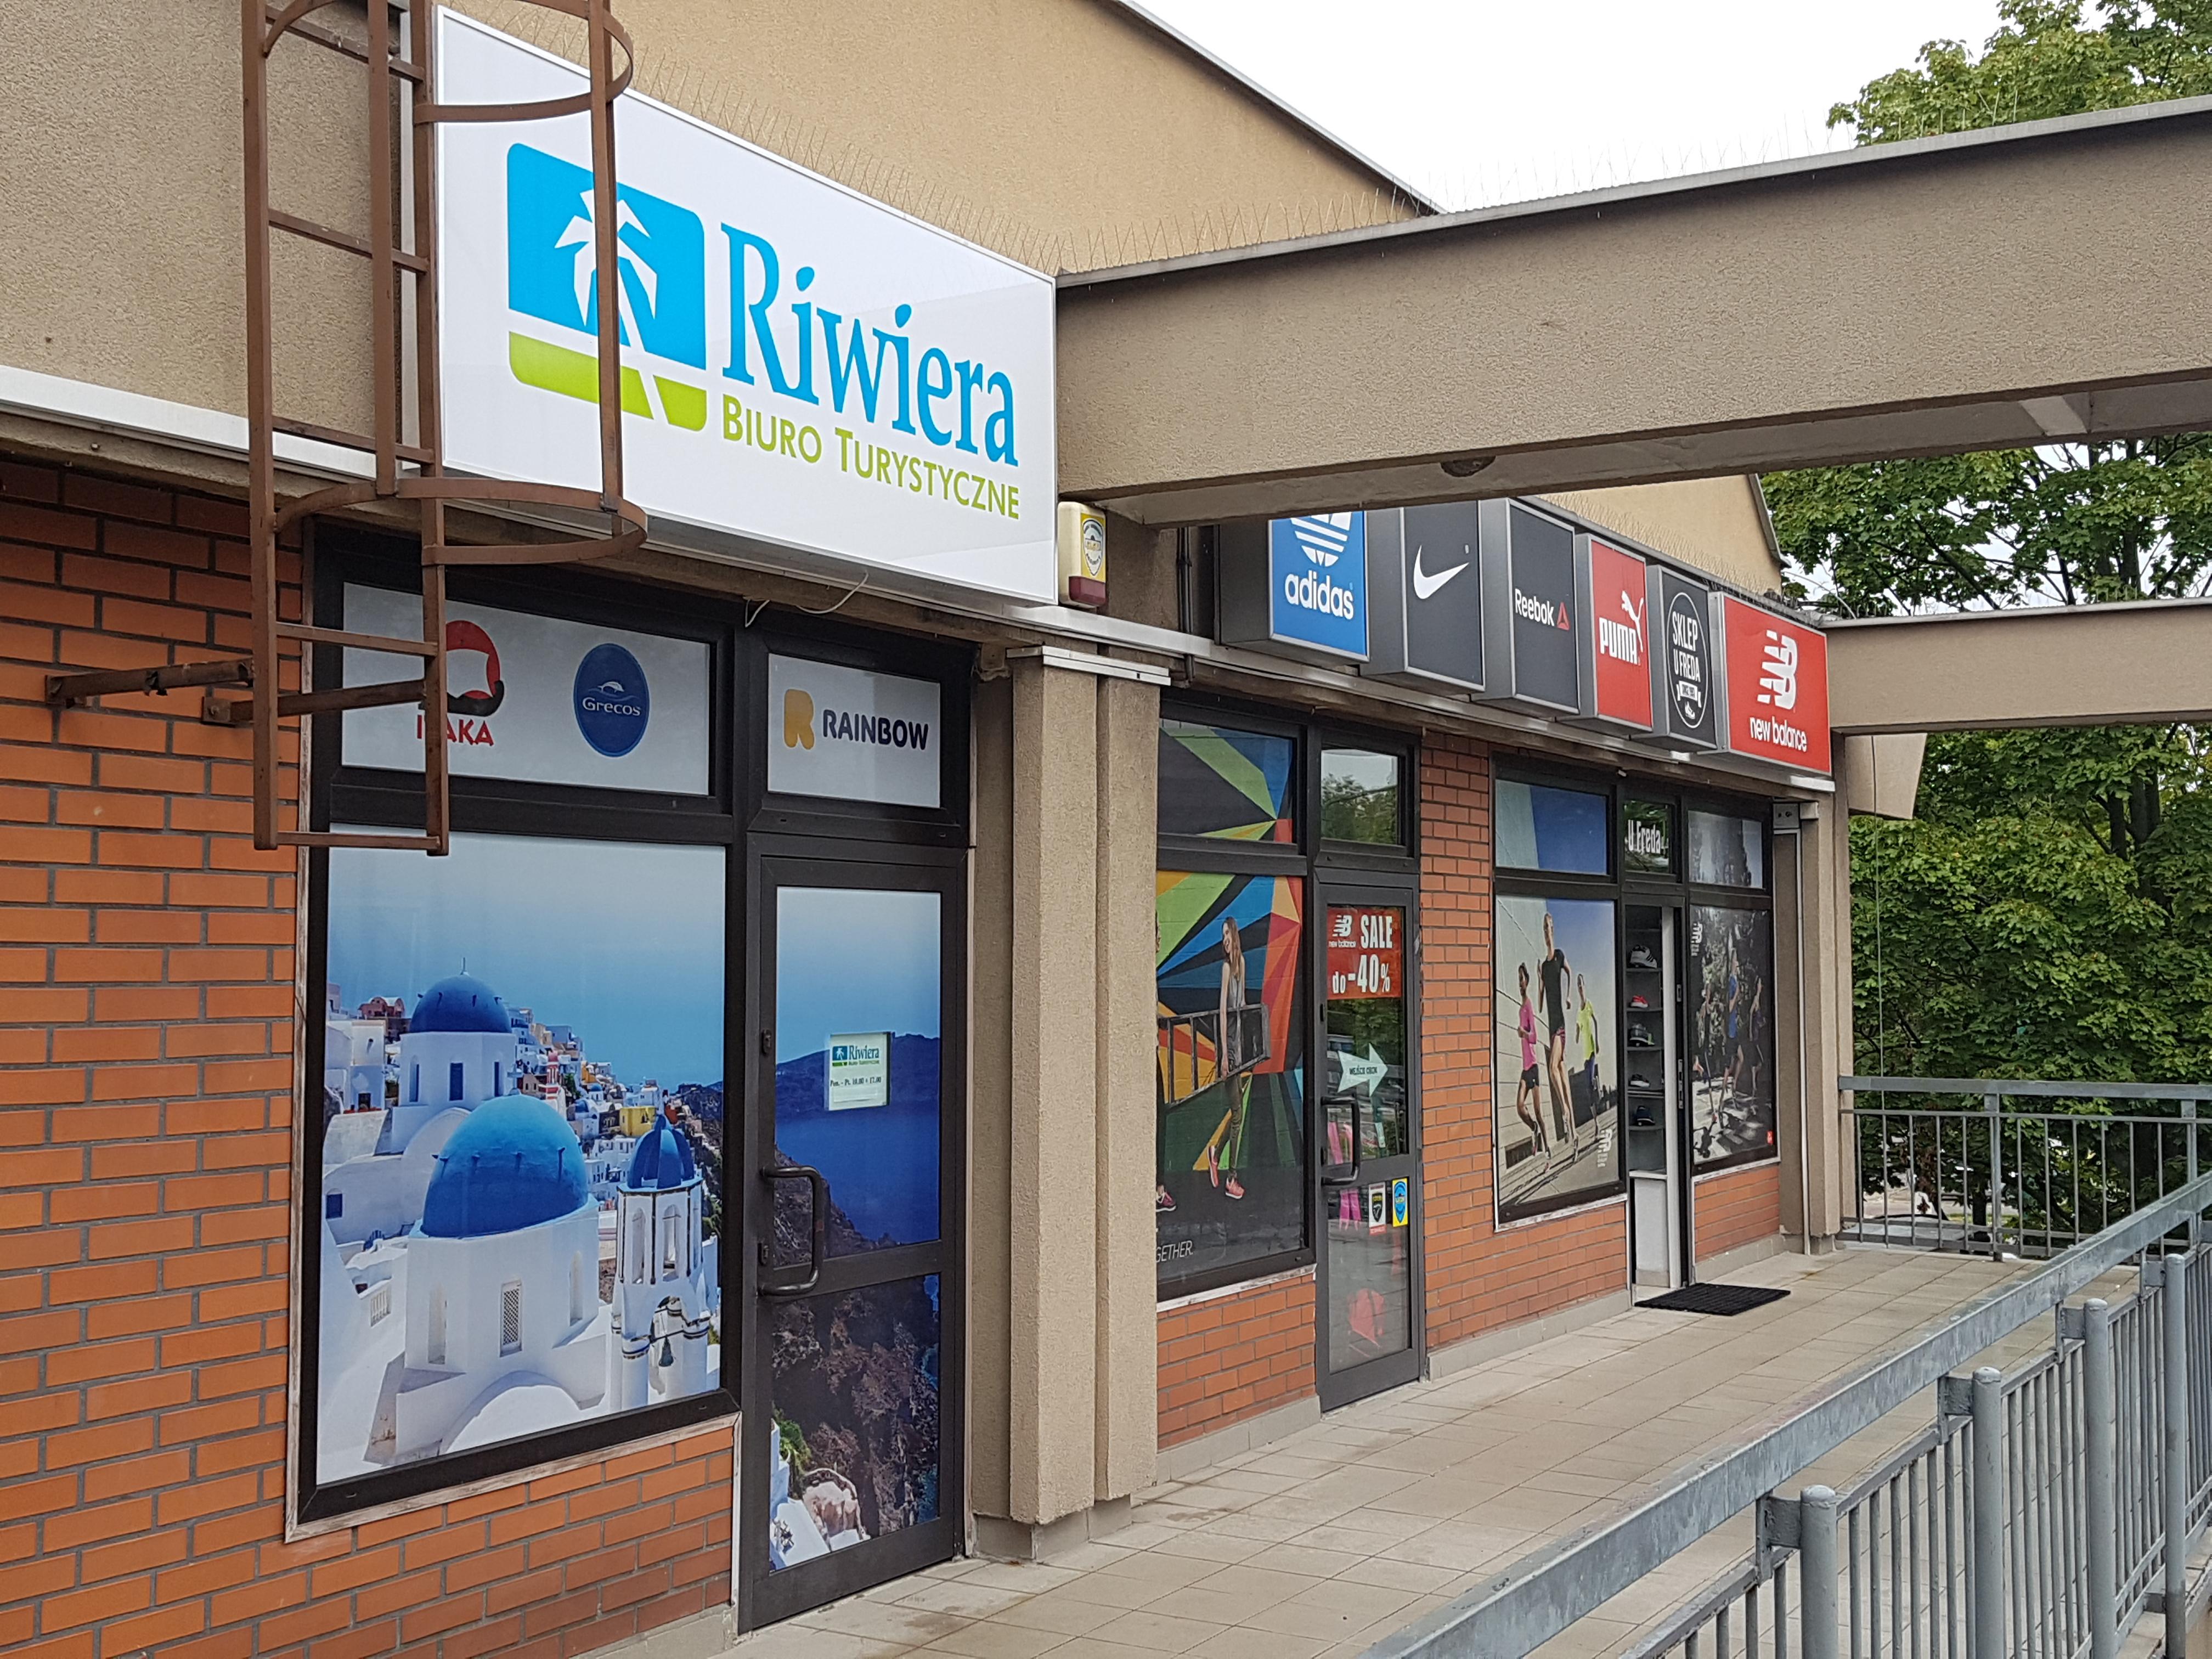 Biuro Turystyczne RIWIERA sc